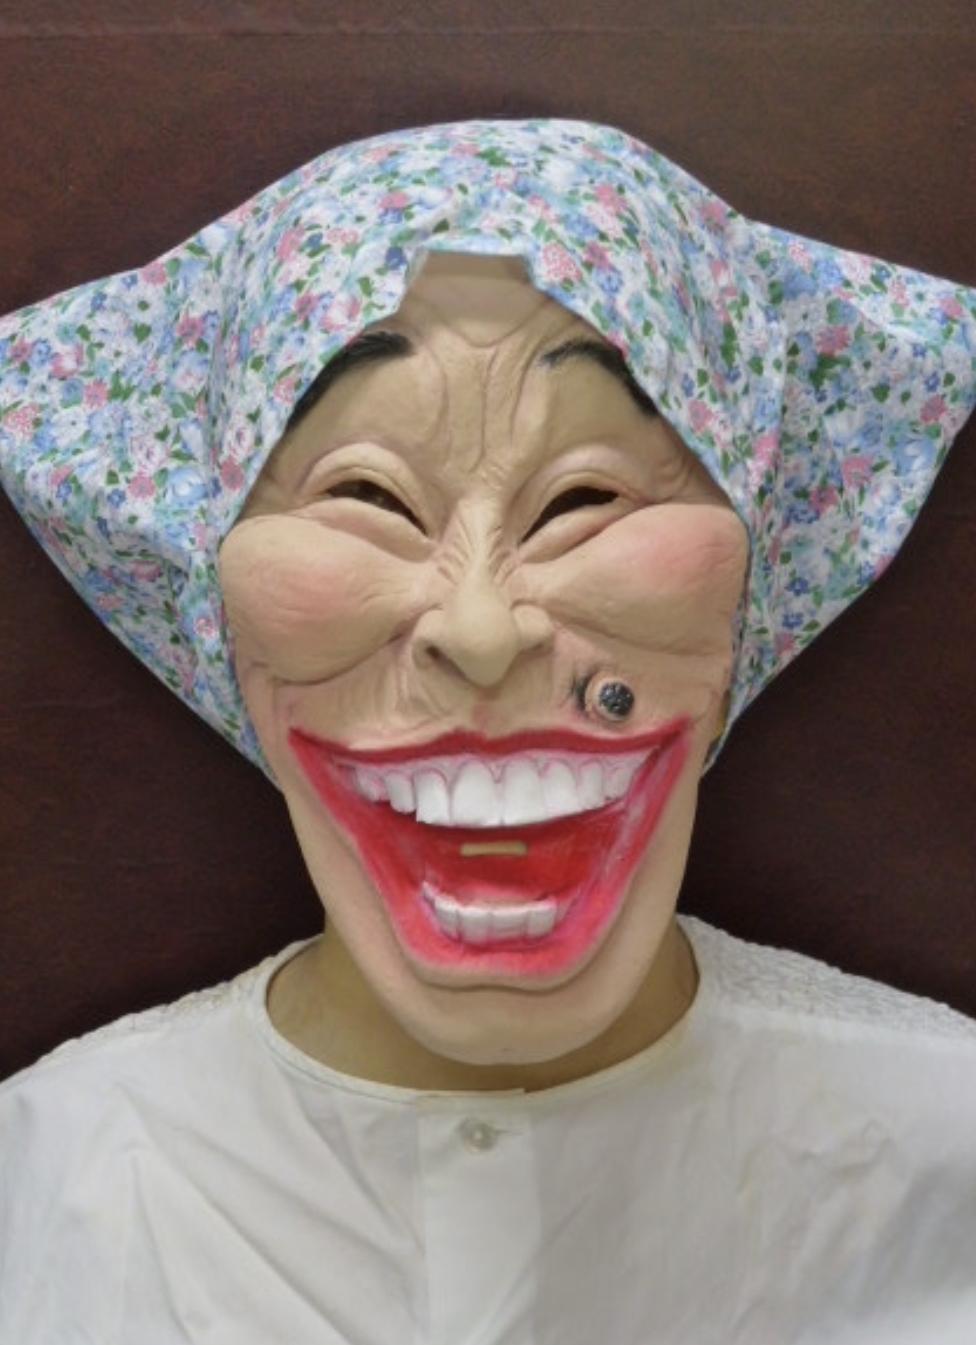 喜ばせたい人の笑顔は、自分の笑顔!